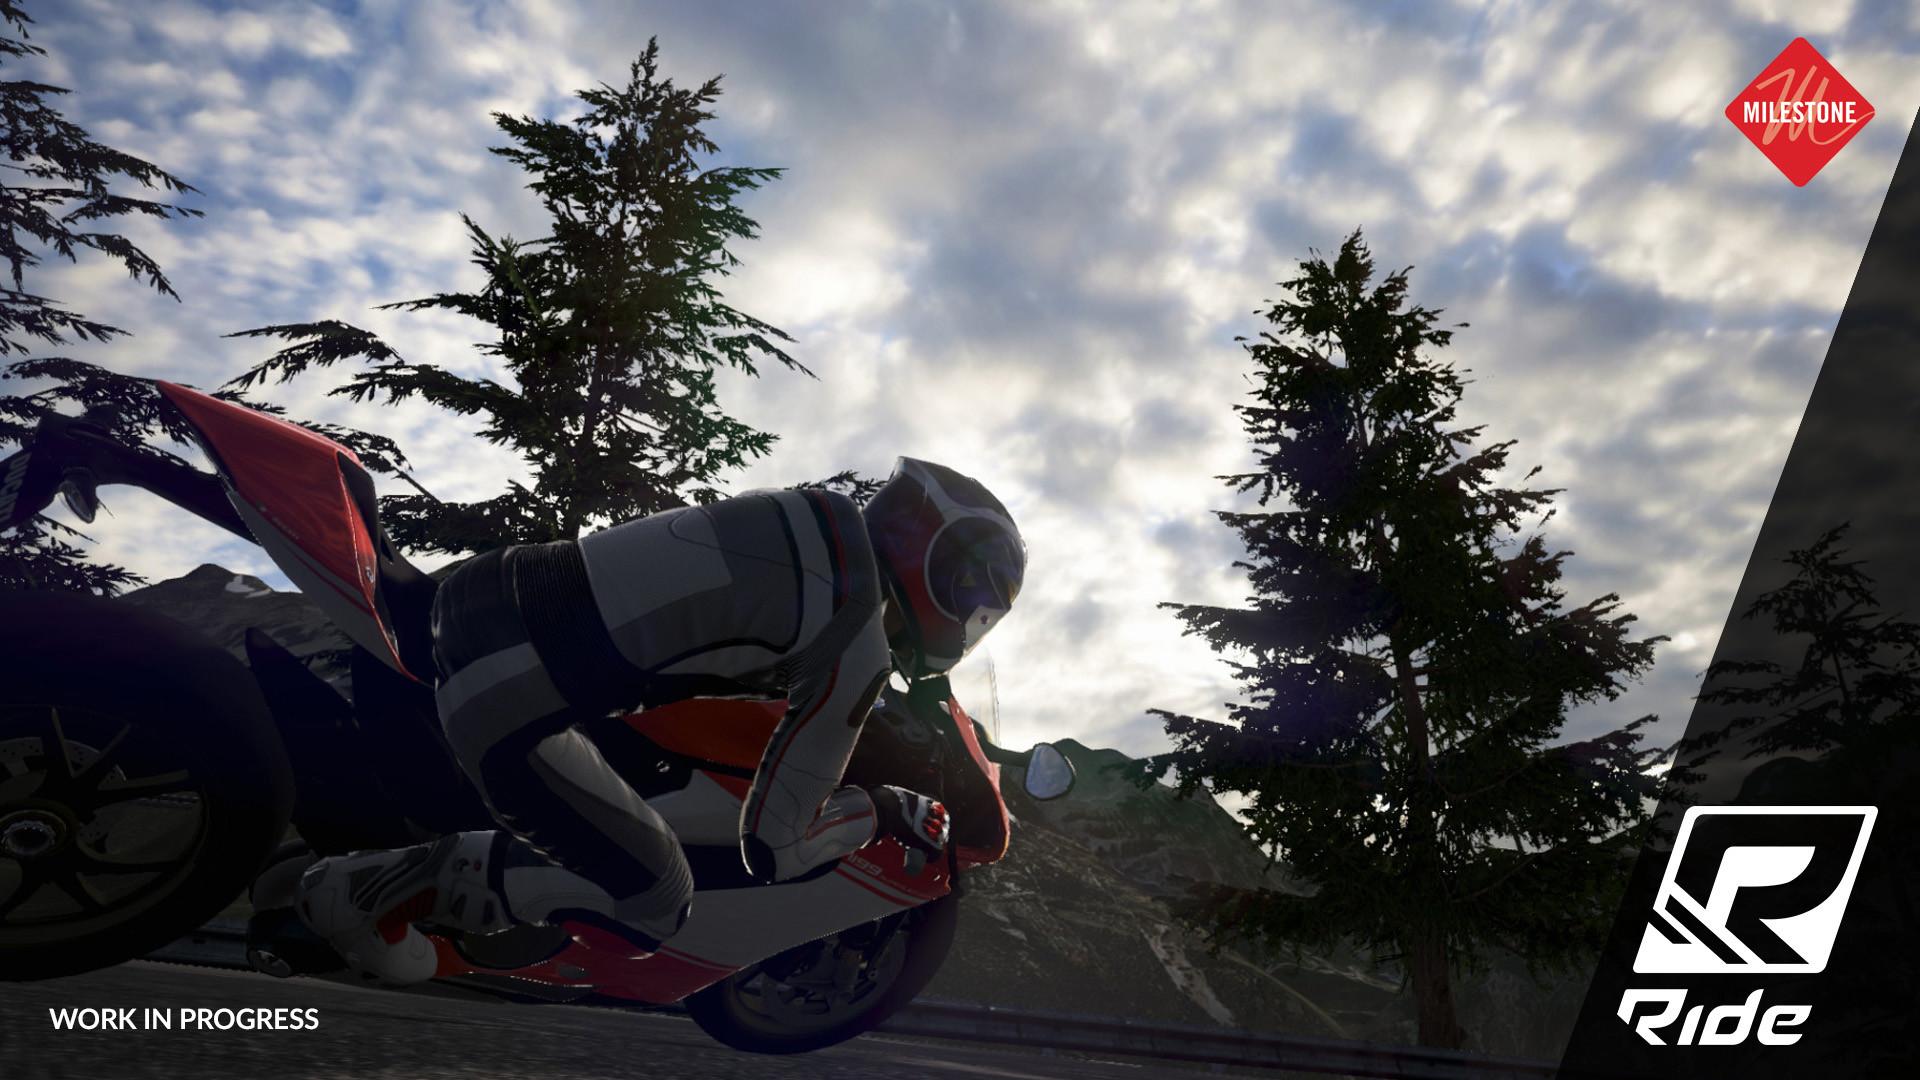 První obrázky z motocyklových závodů Ride 103205